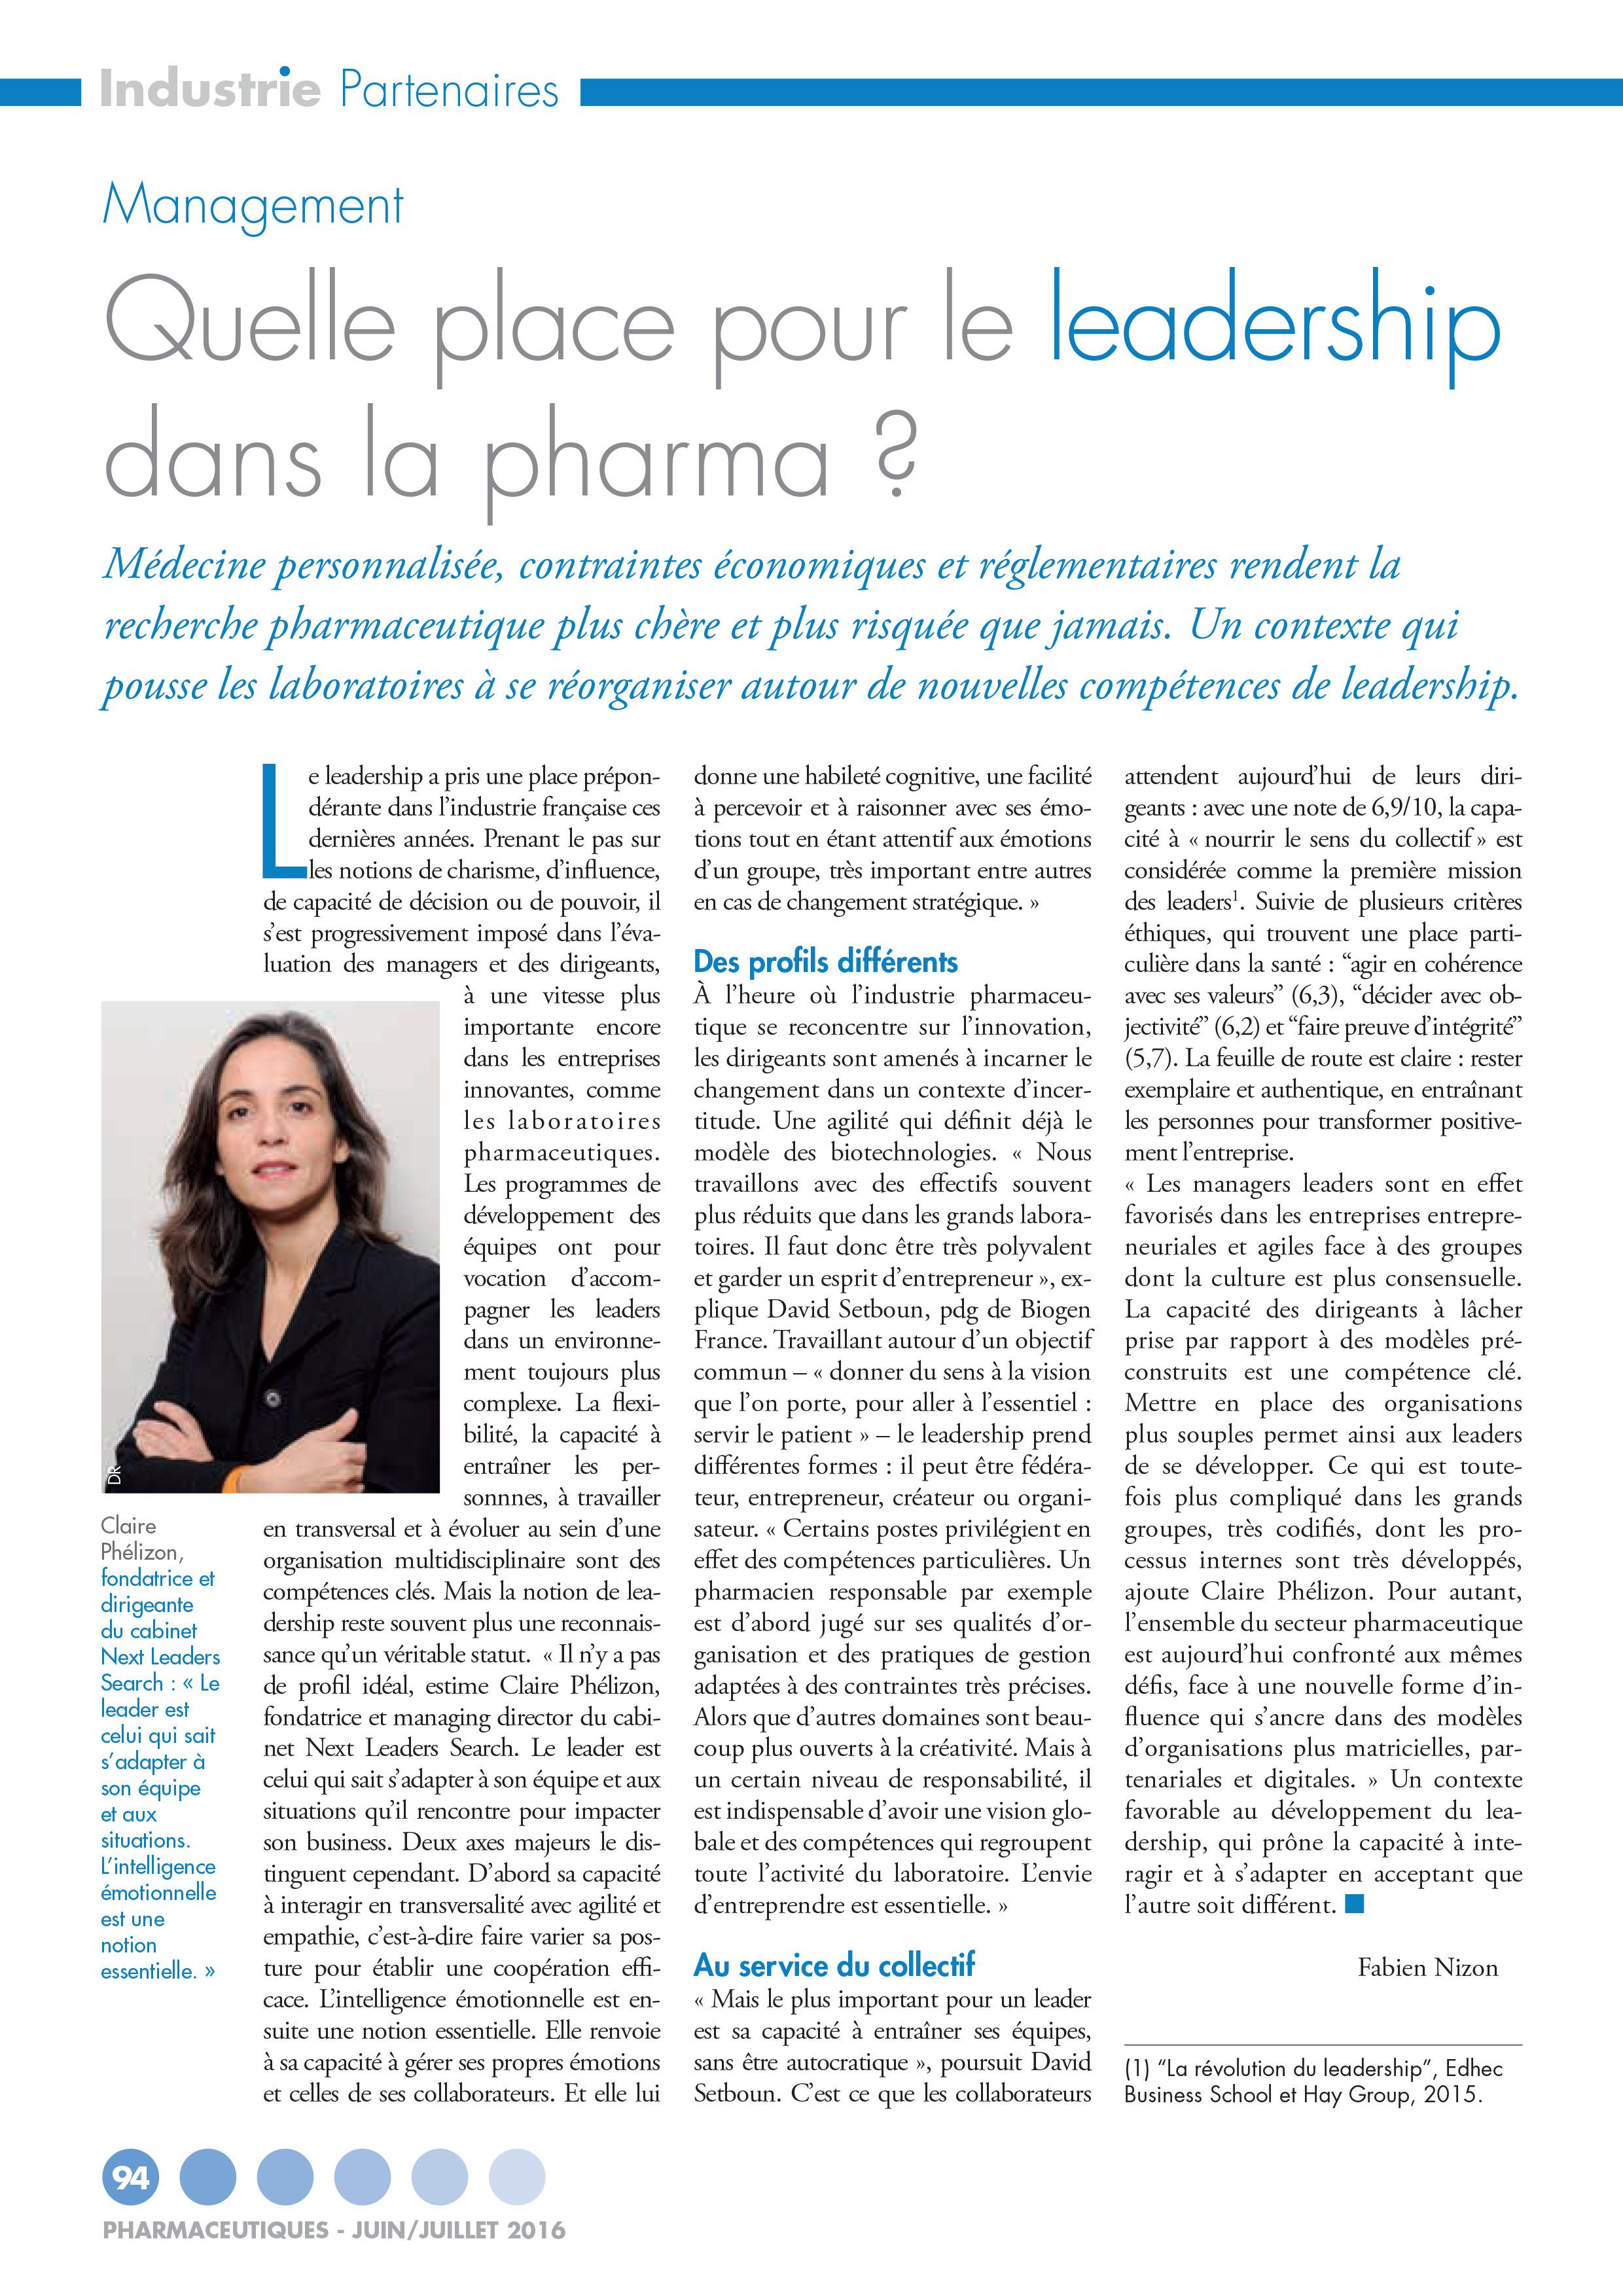 article Pharmaceutiques juillet 2016